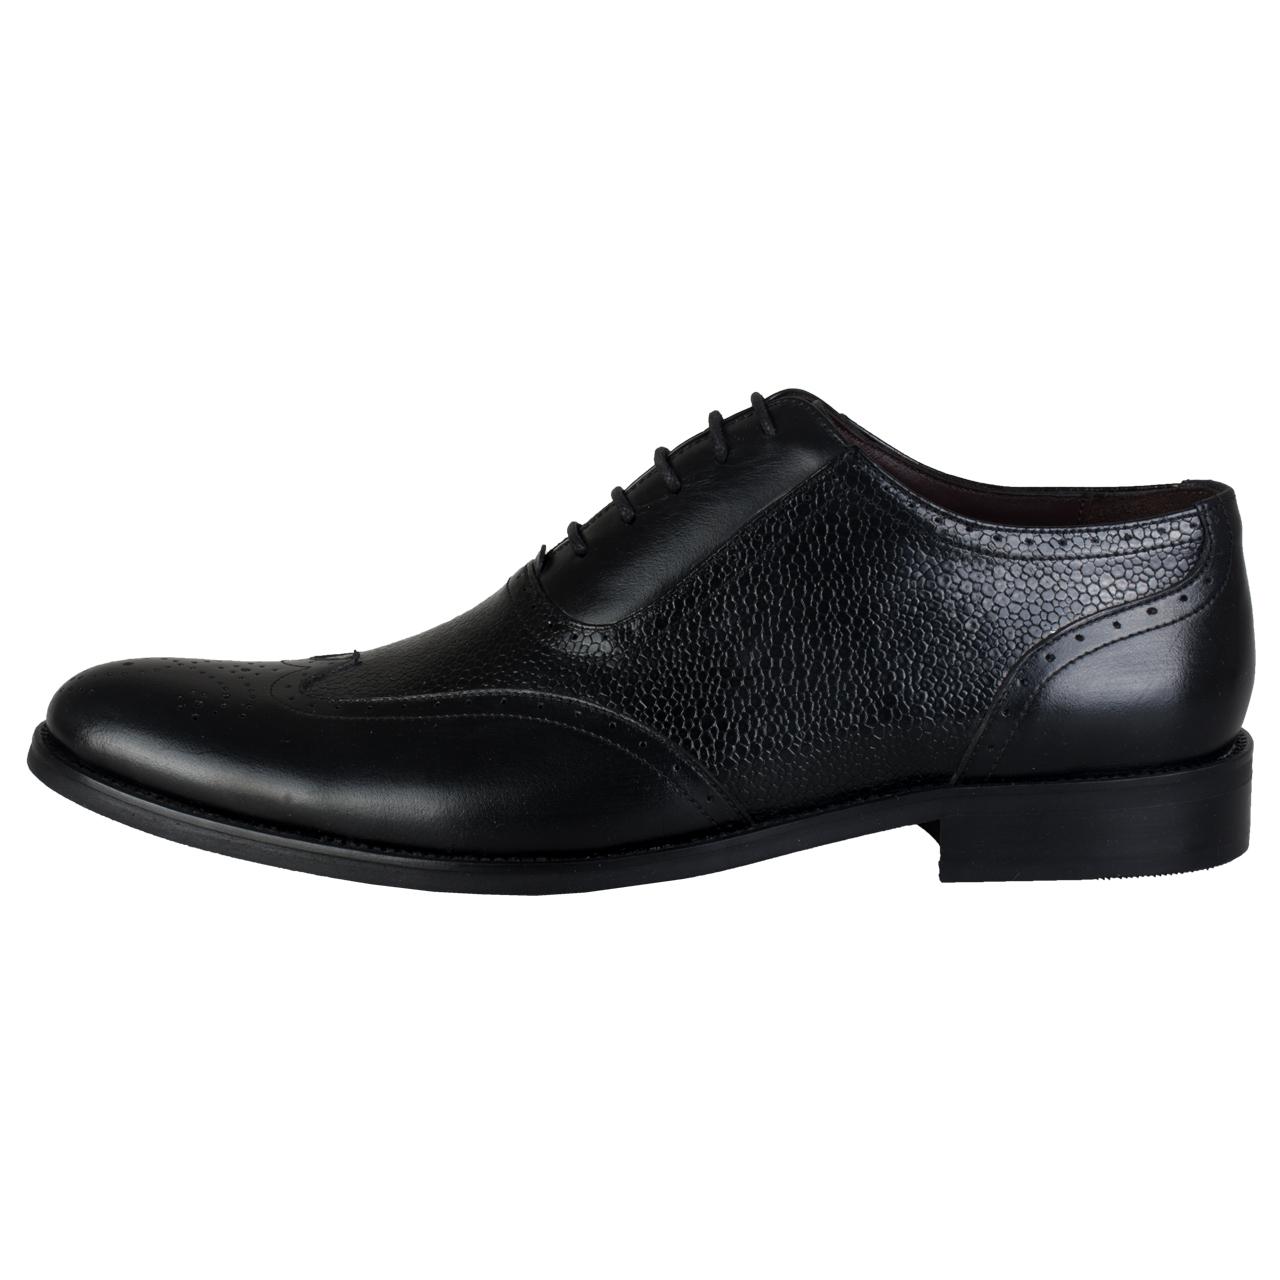 کفش مردانه رسا چرم کد 143